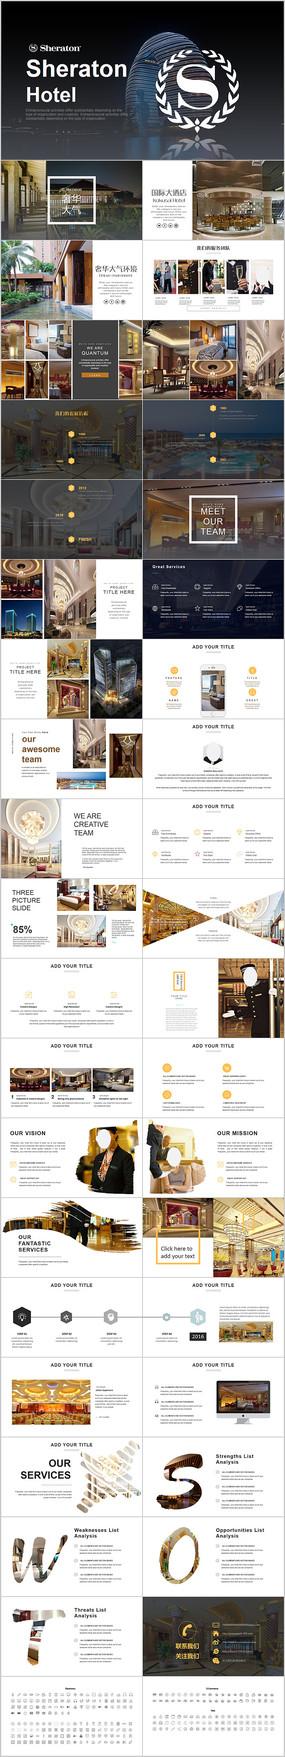 喜来登星级酒店介绍营销计划书